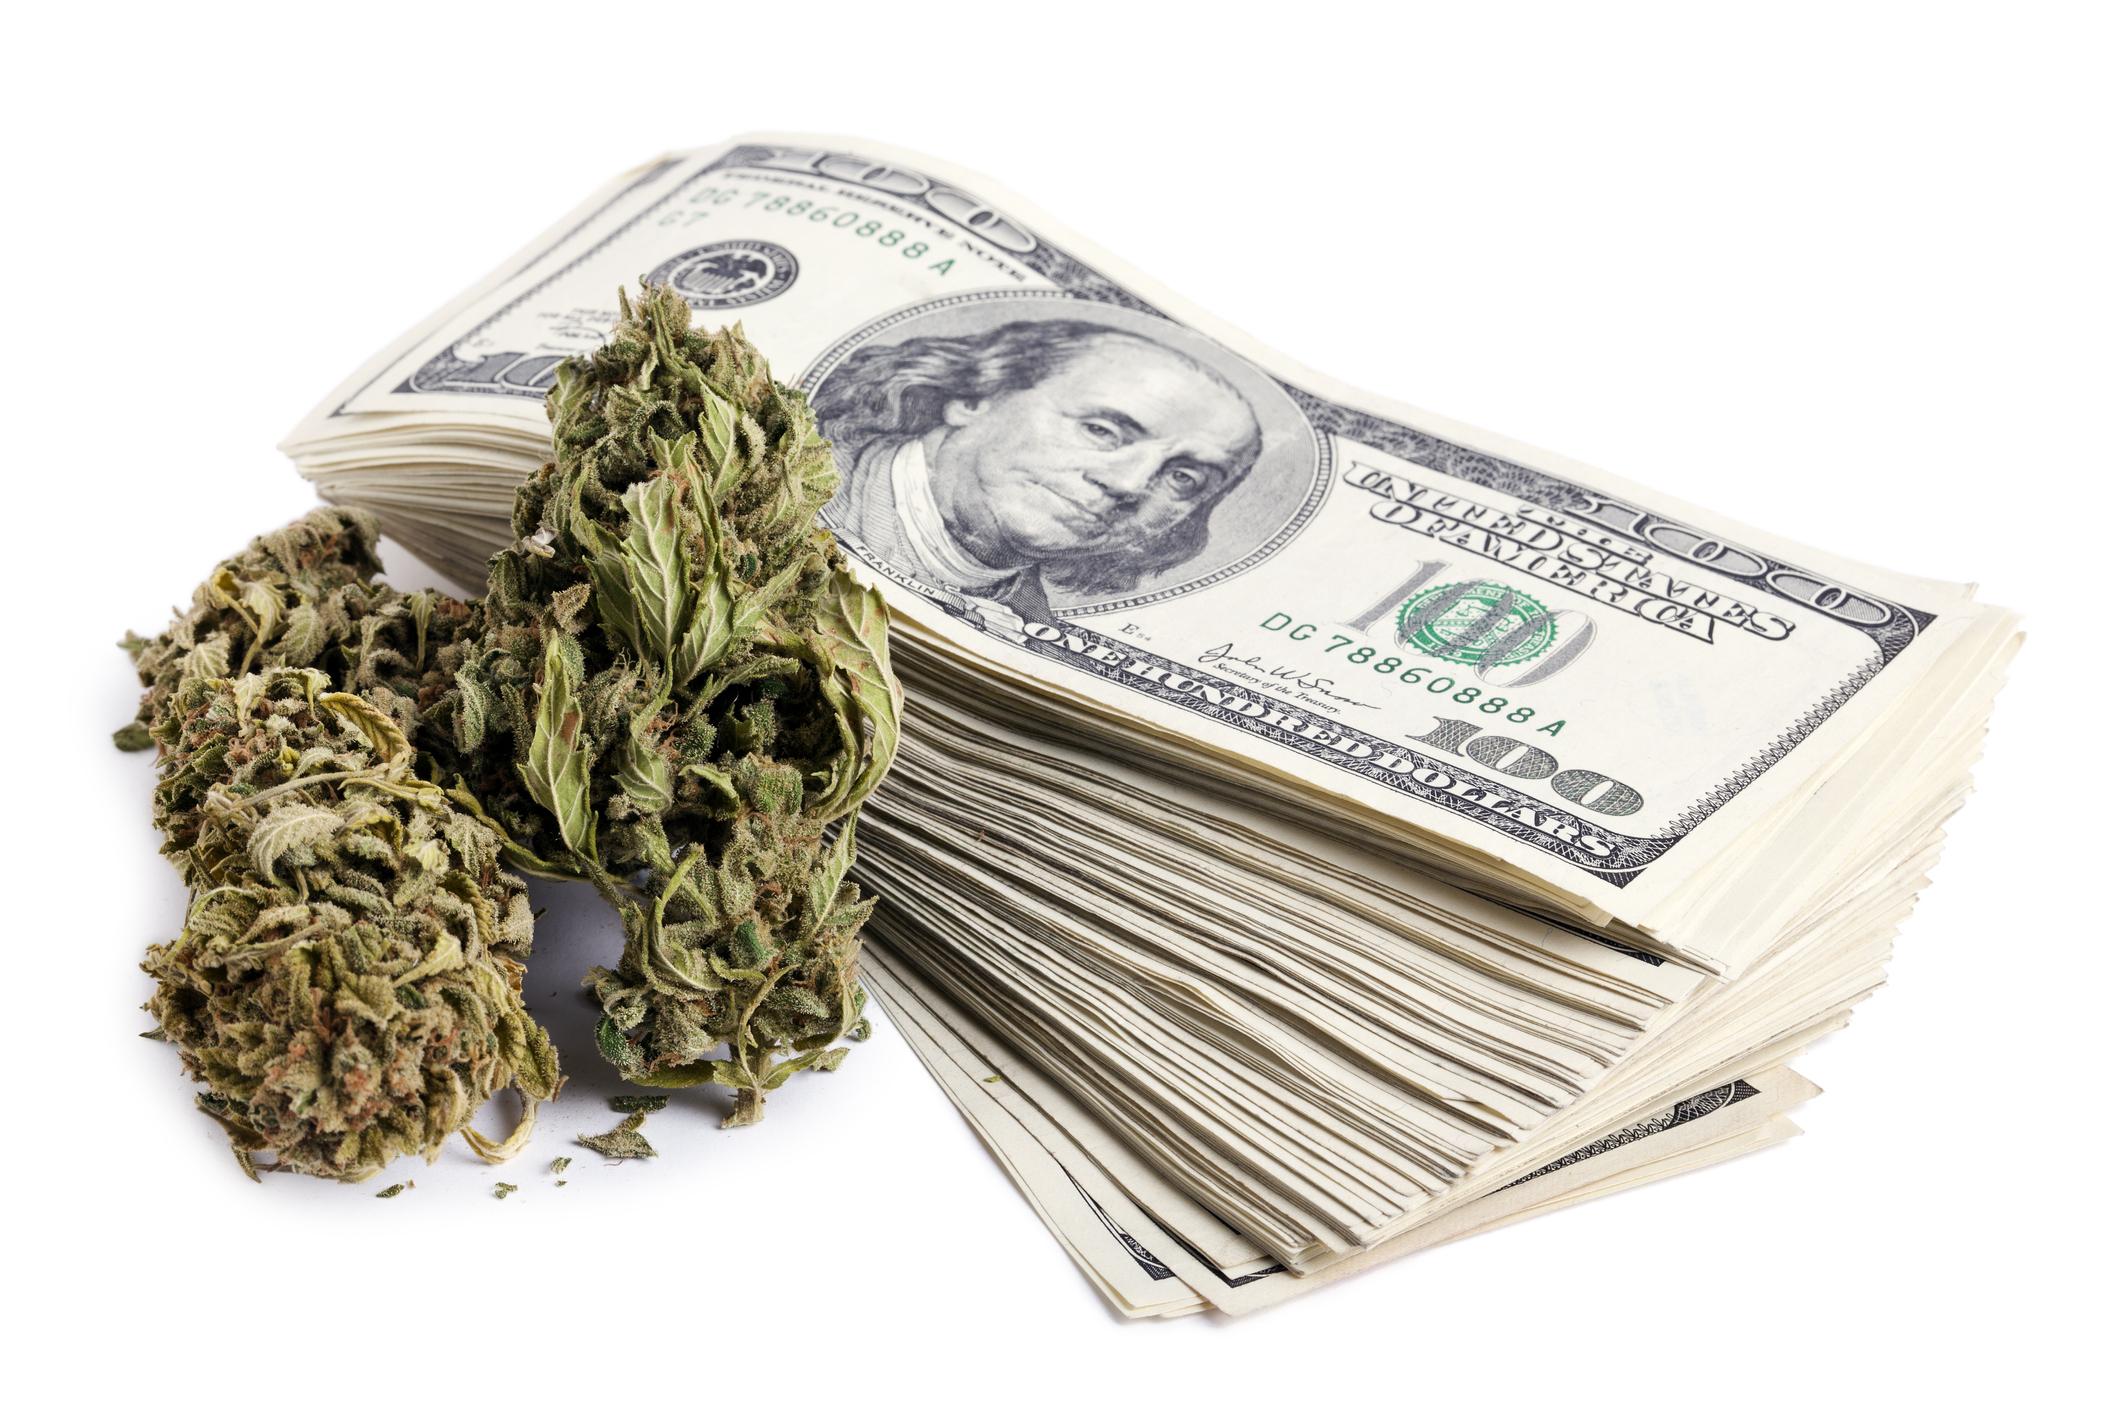 Marijuana flower next to stack of cash.